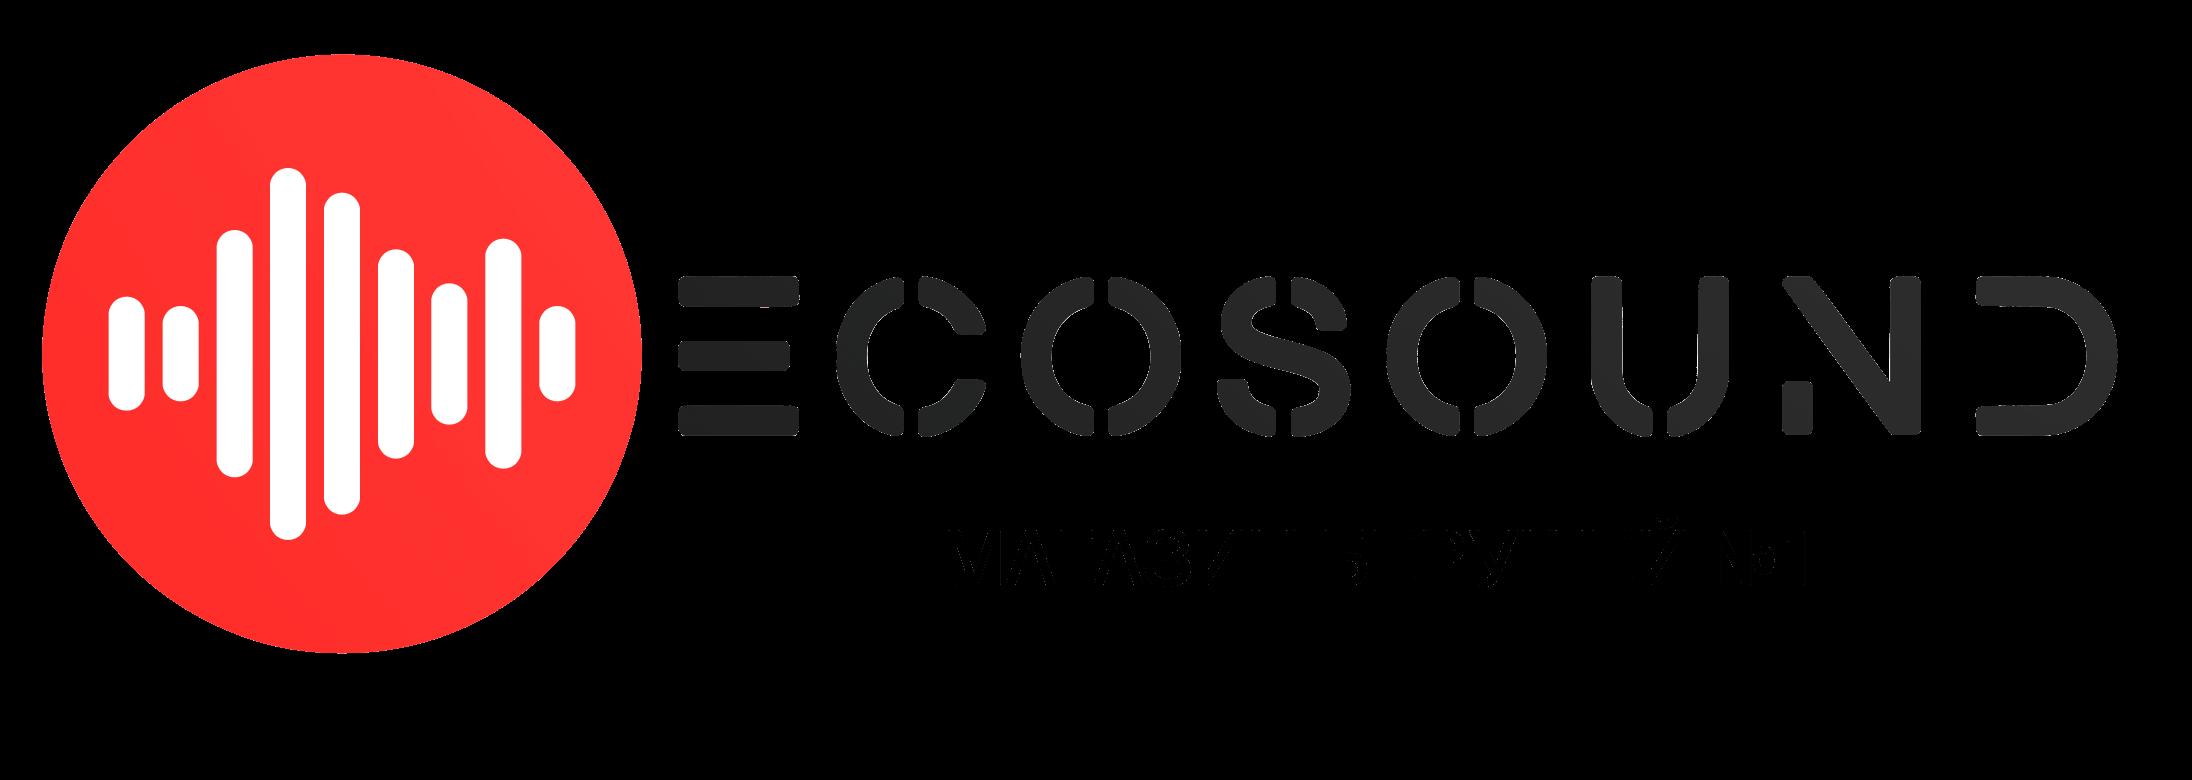 Ecosound - Интернет-магазин берушей!